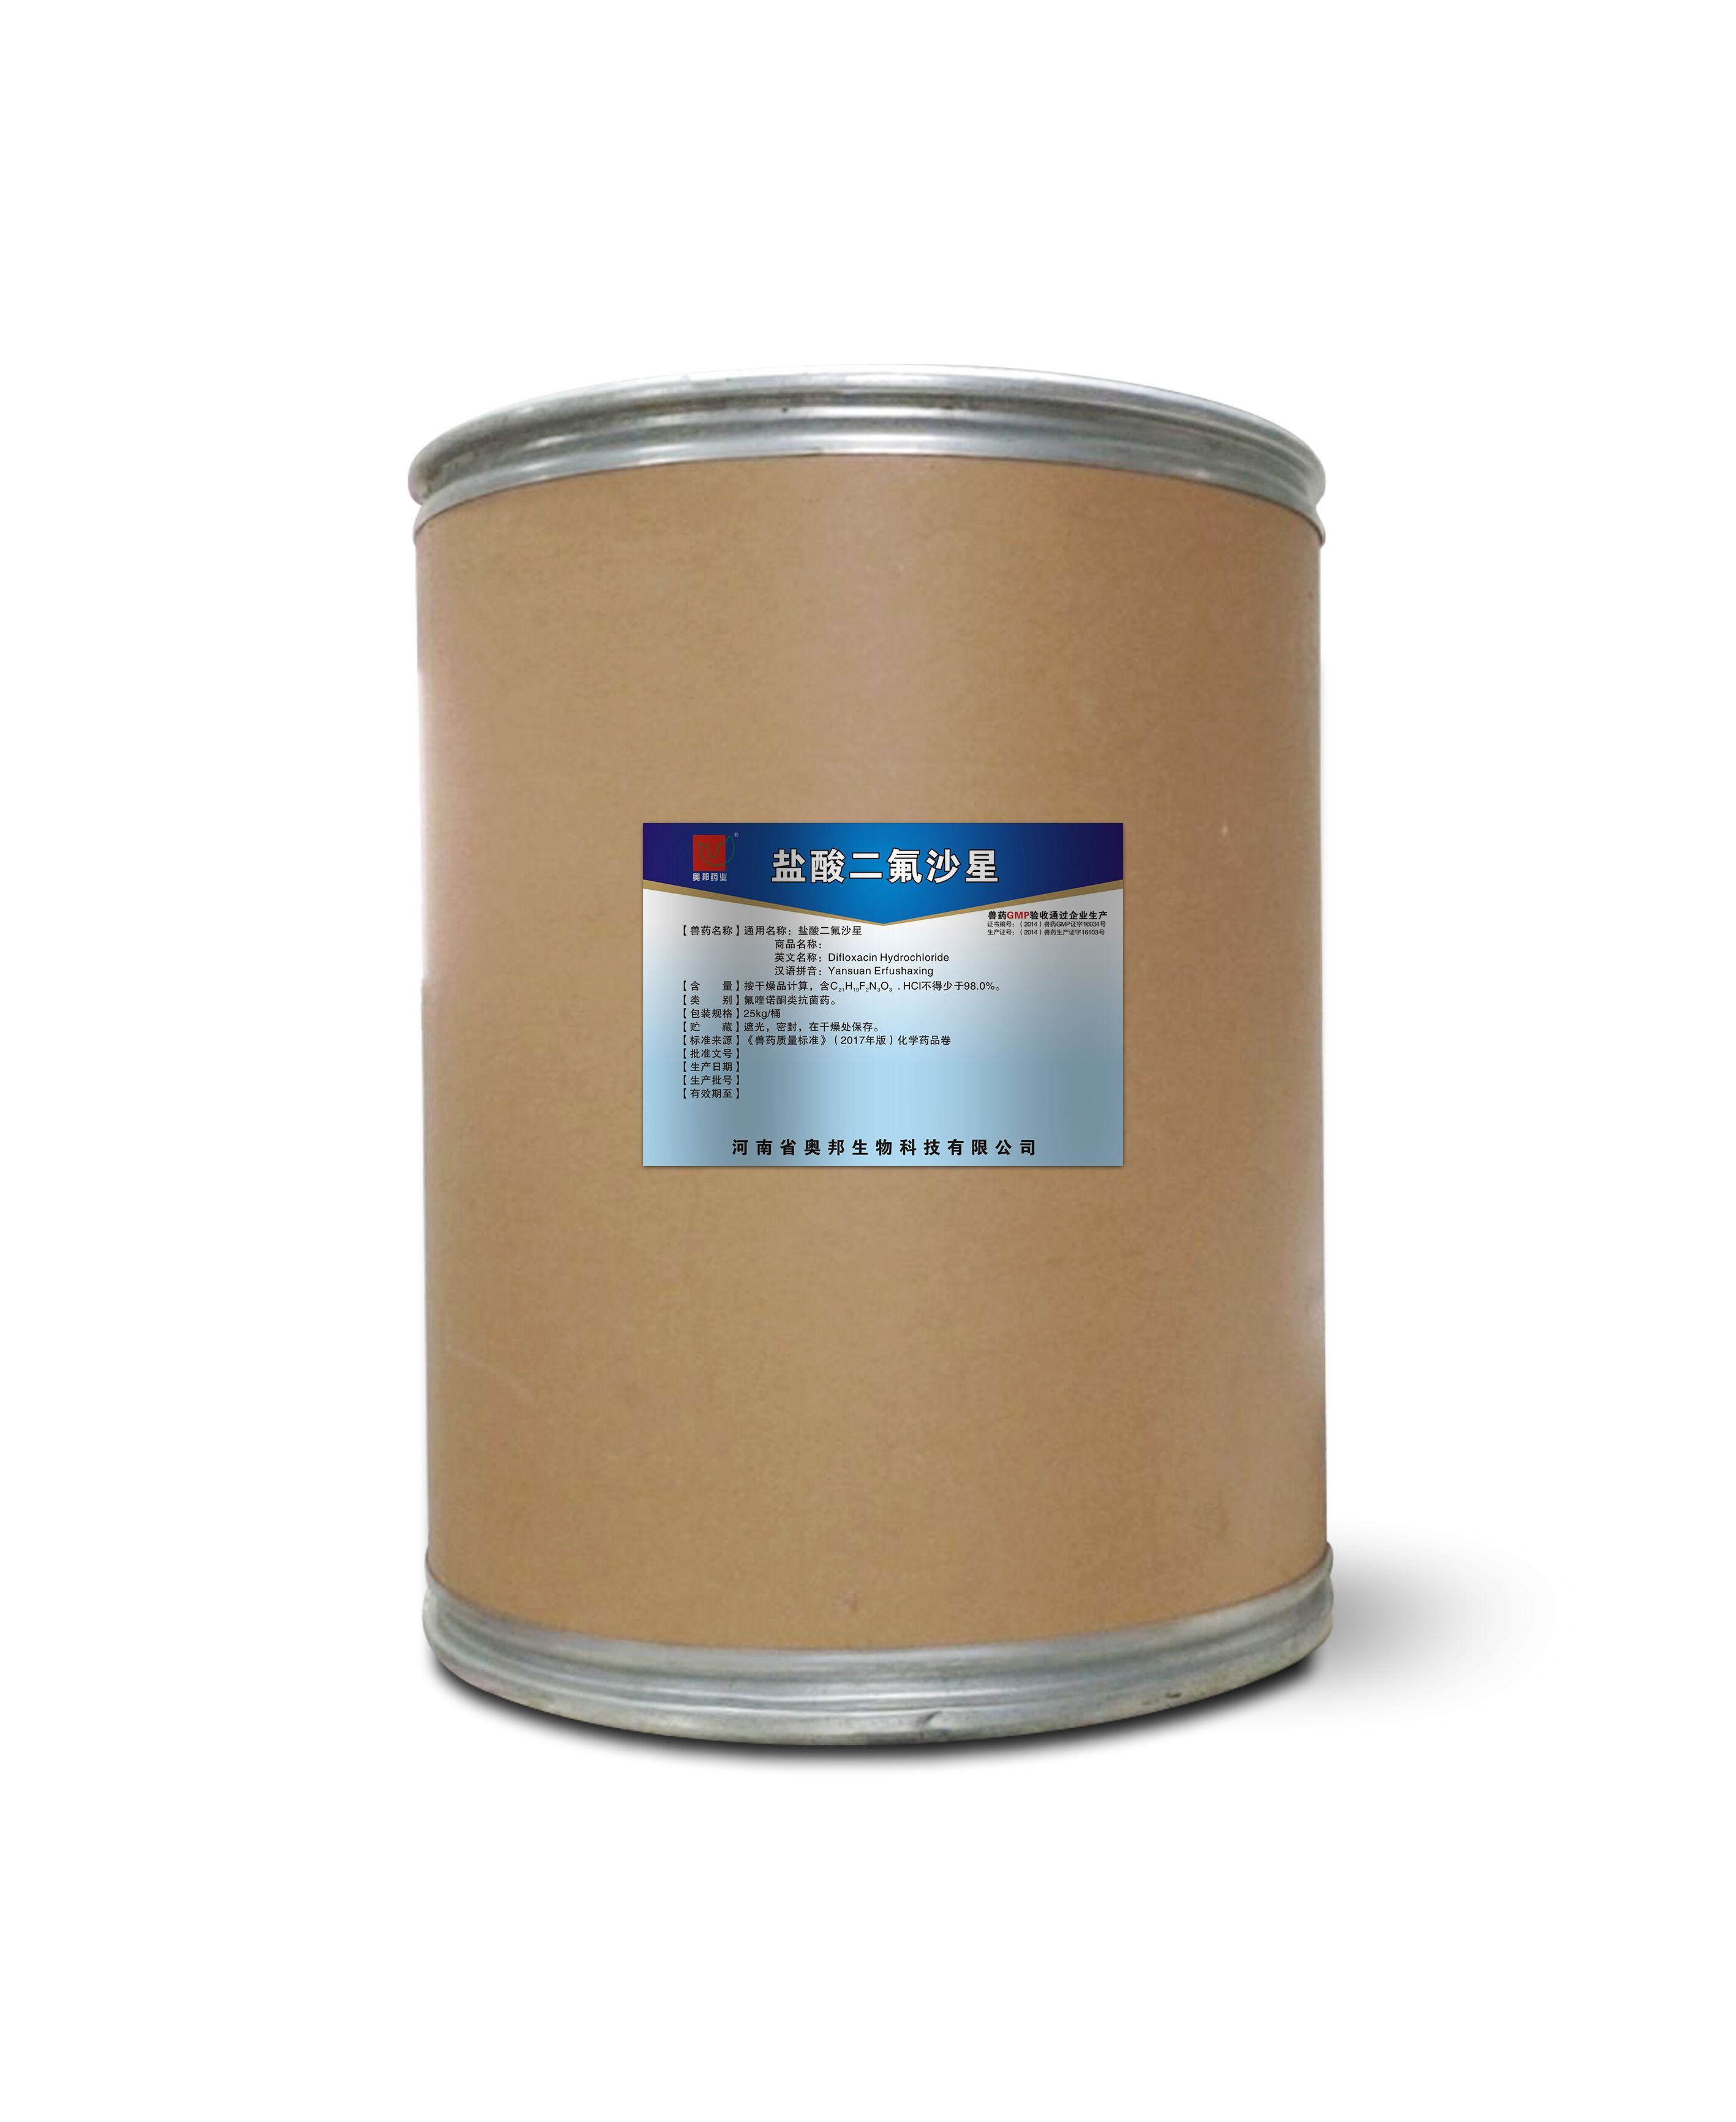 盐酸二氟沙星(Difloxacin Hydrochloride)